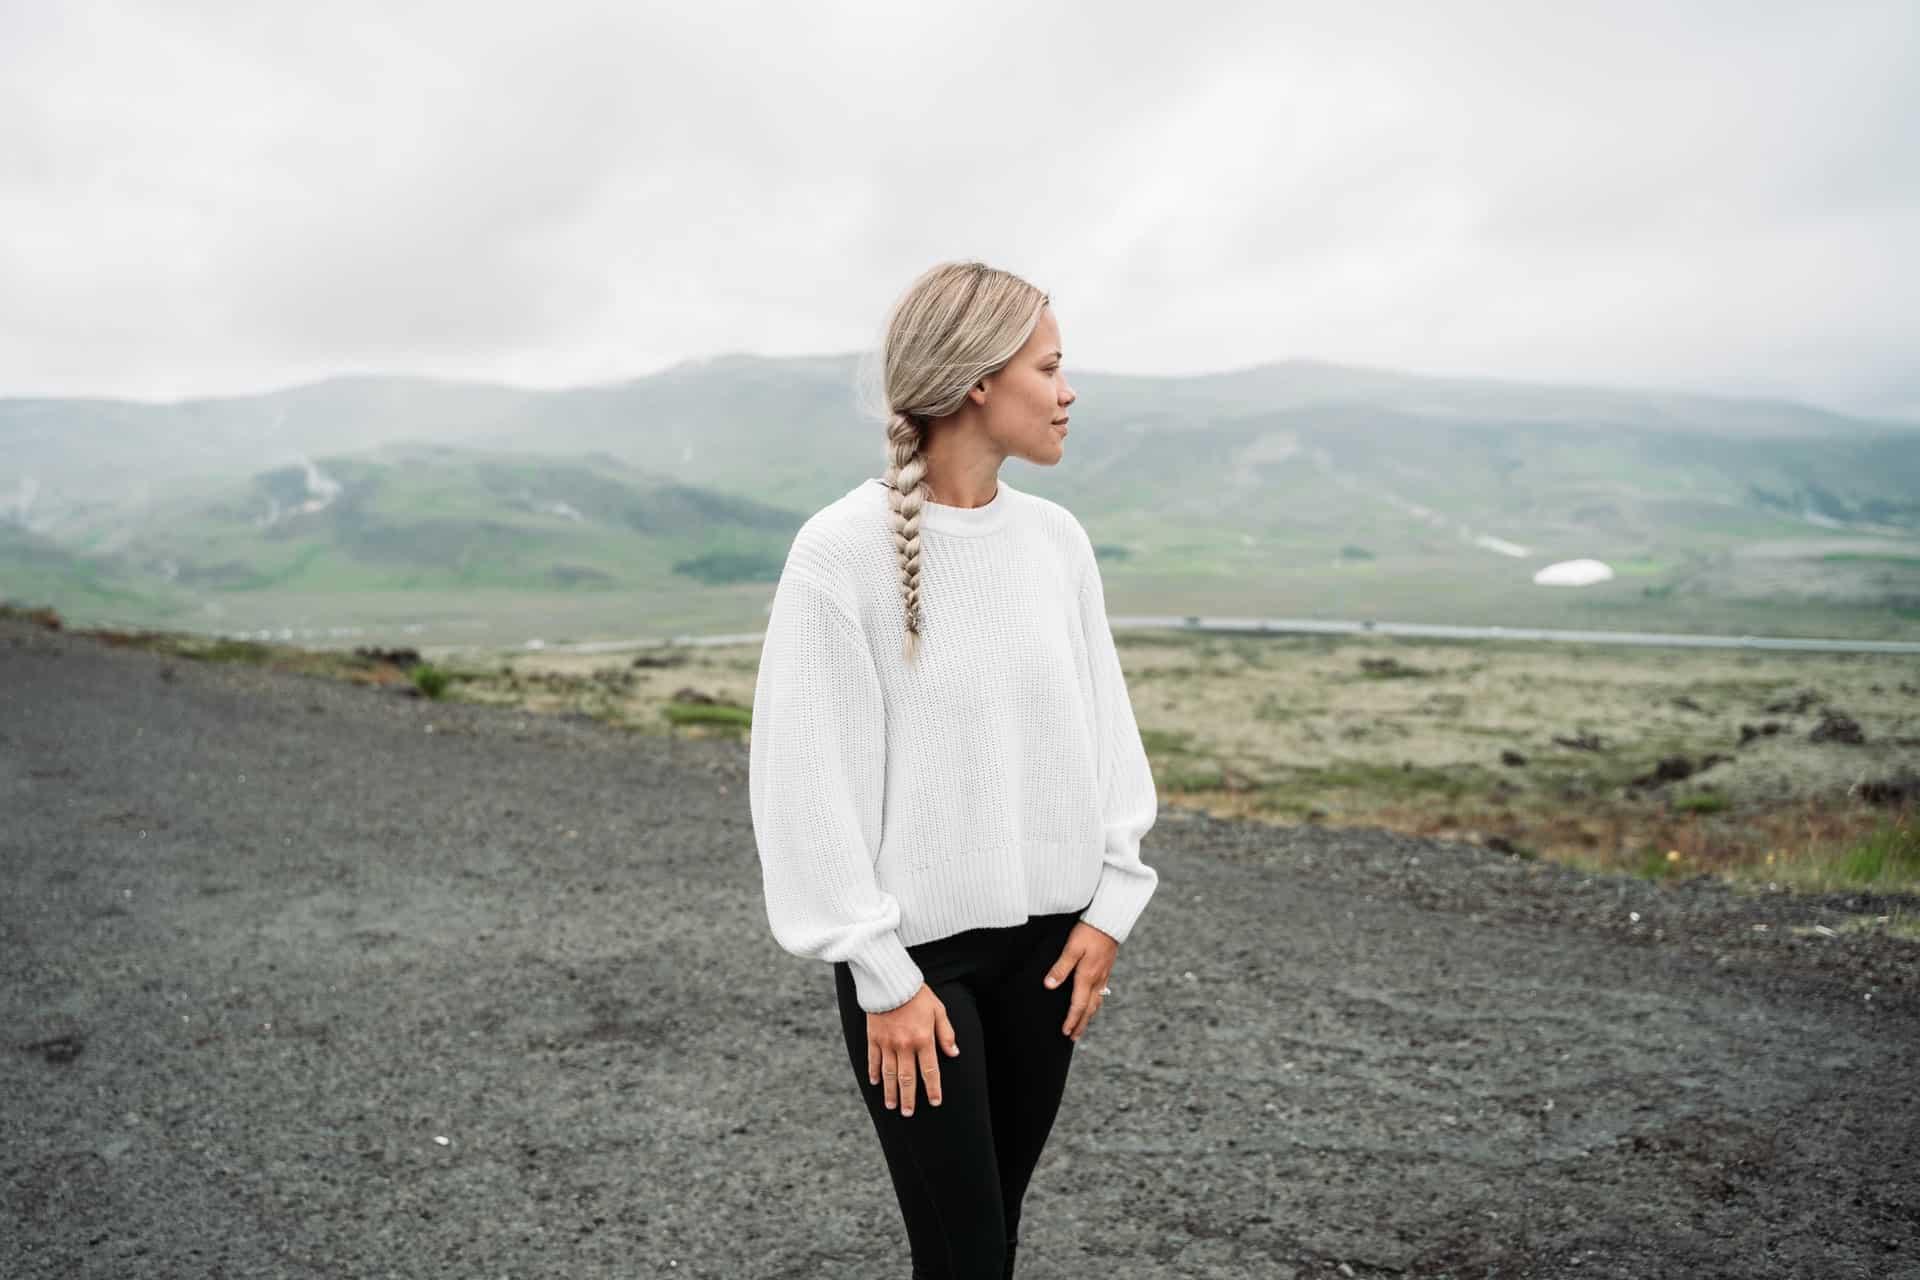 Eine Frau mit einem Zopf steht auf und schaut in die Ferne